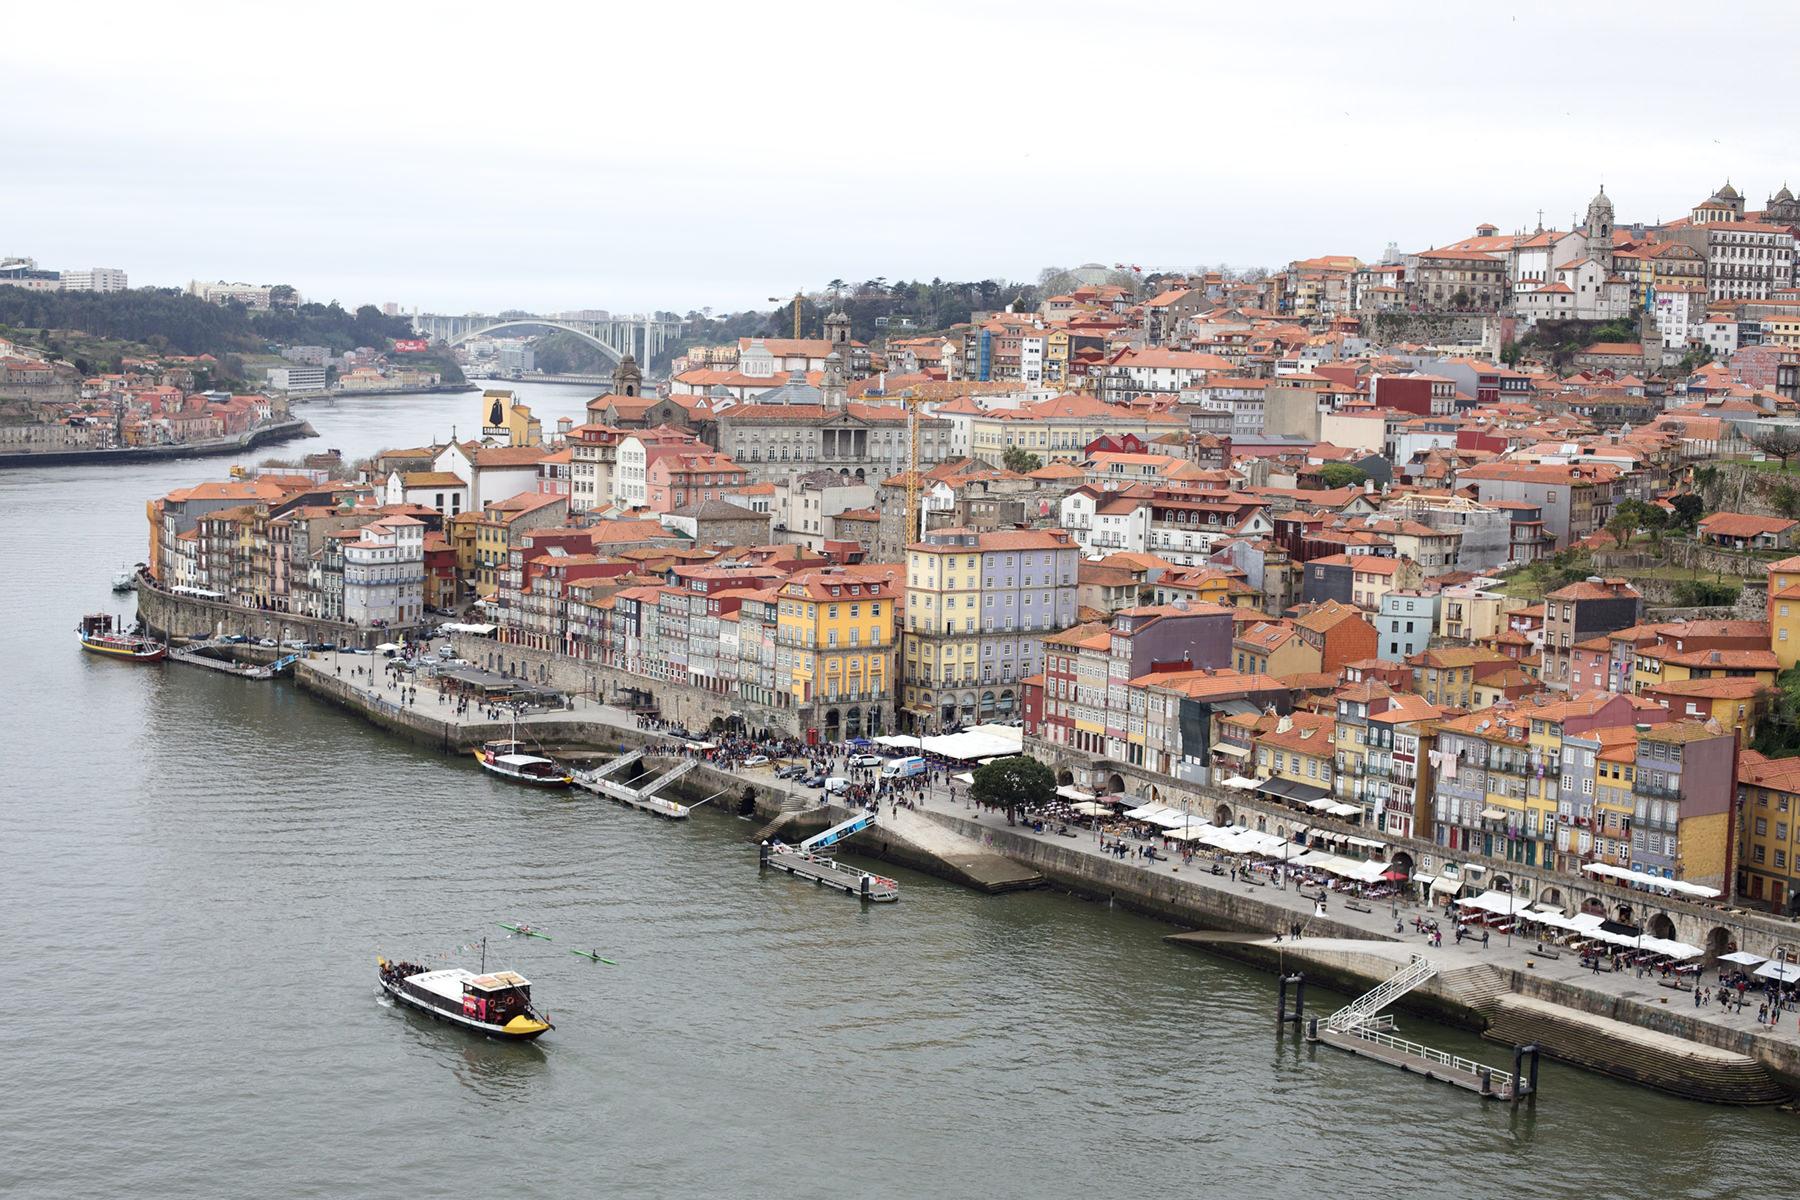 Oporto, la ciudad de moda. Mis 10 imprescindibles para disfrutarla a tope